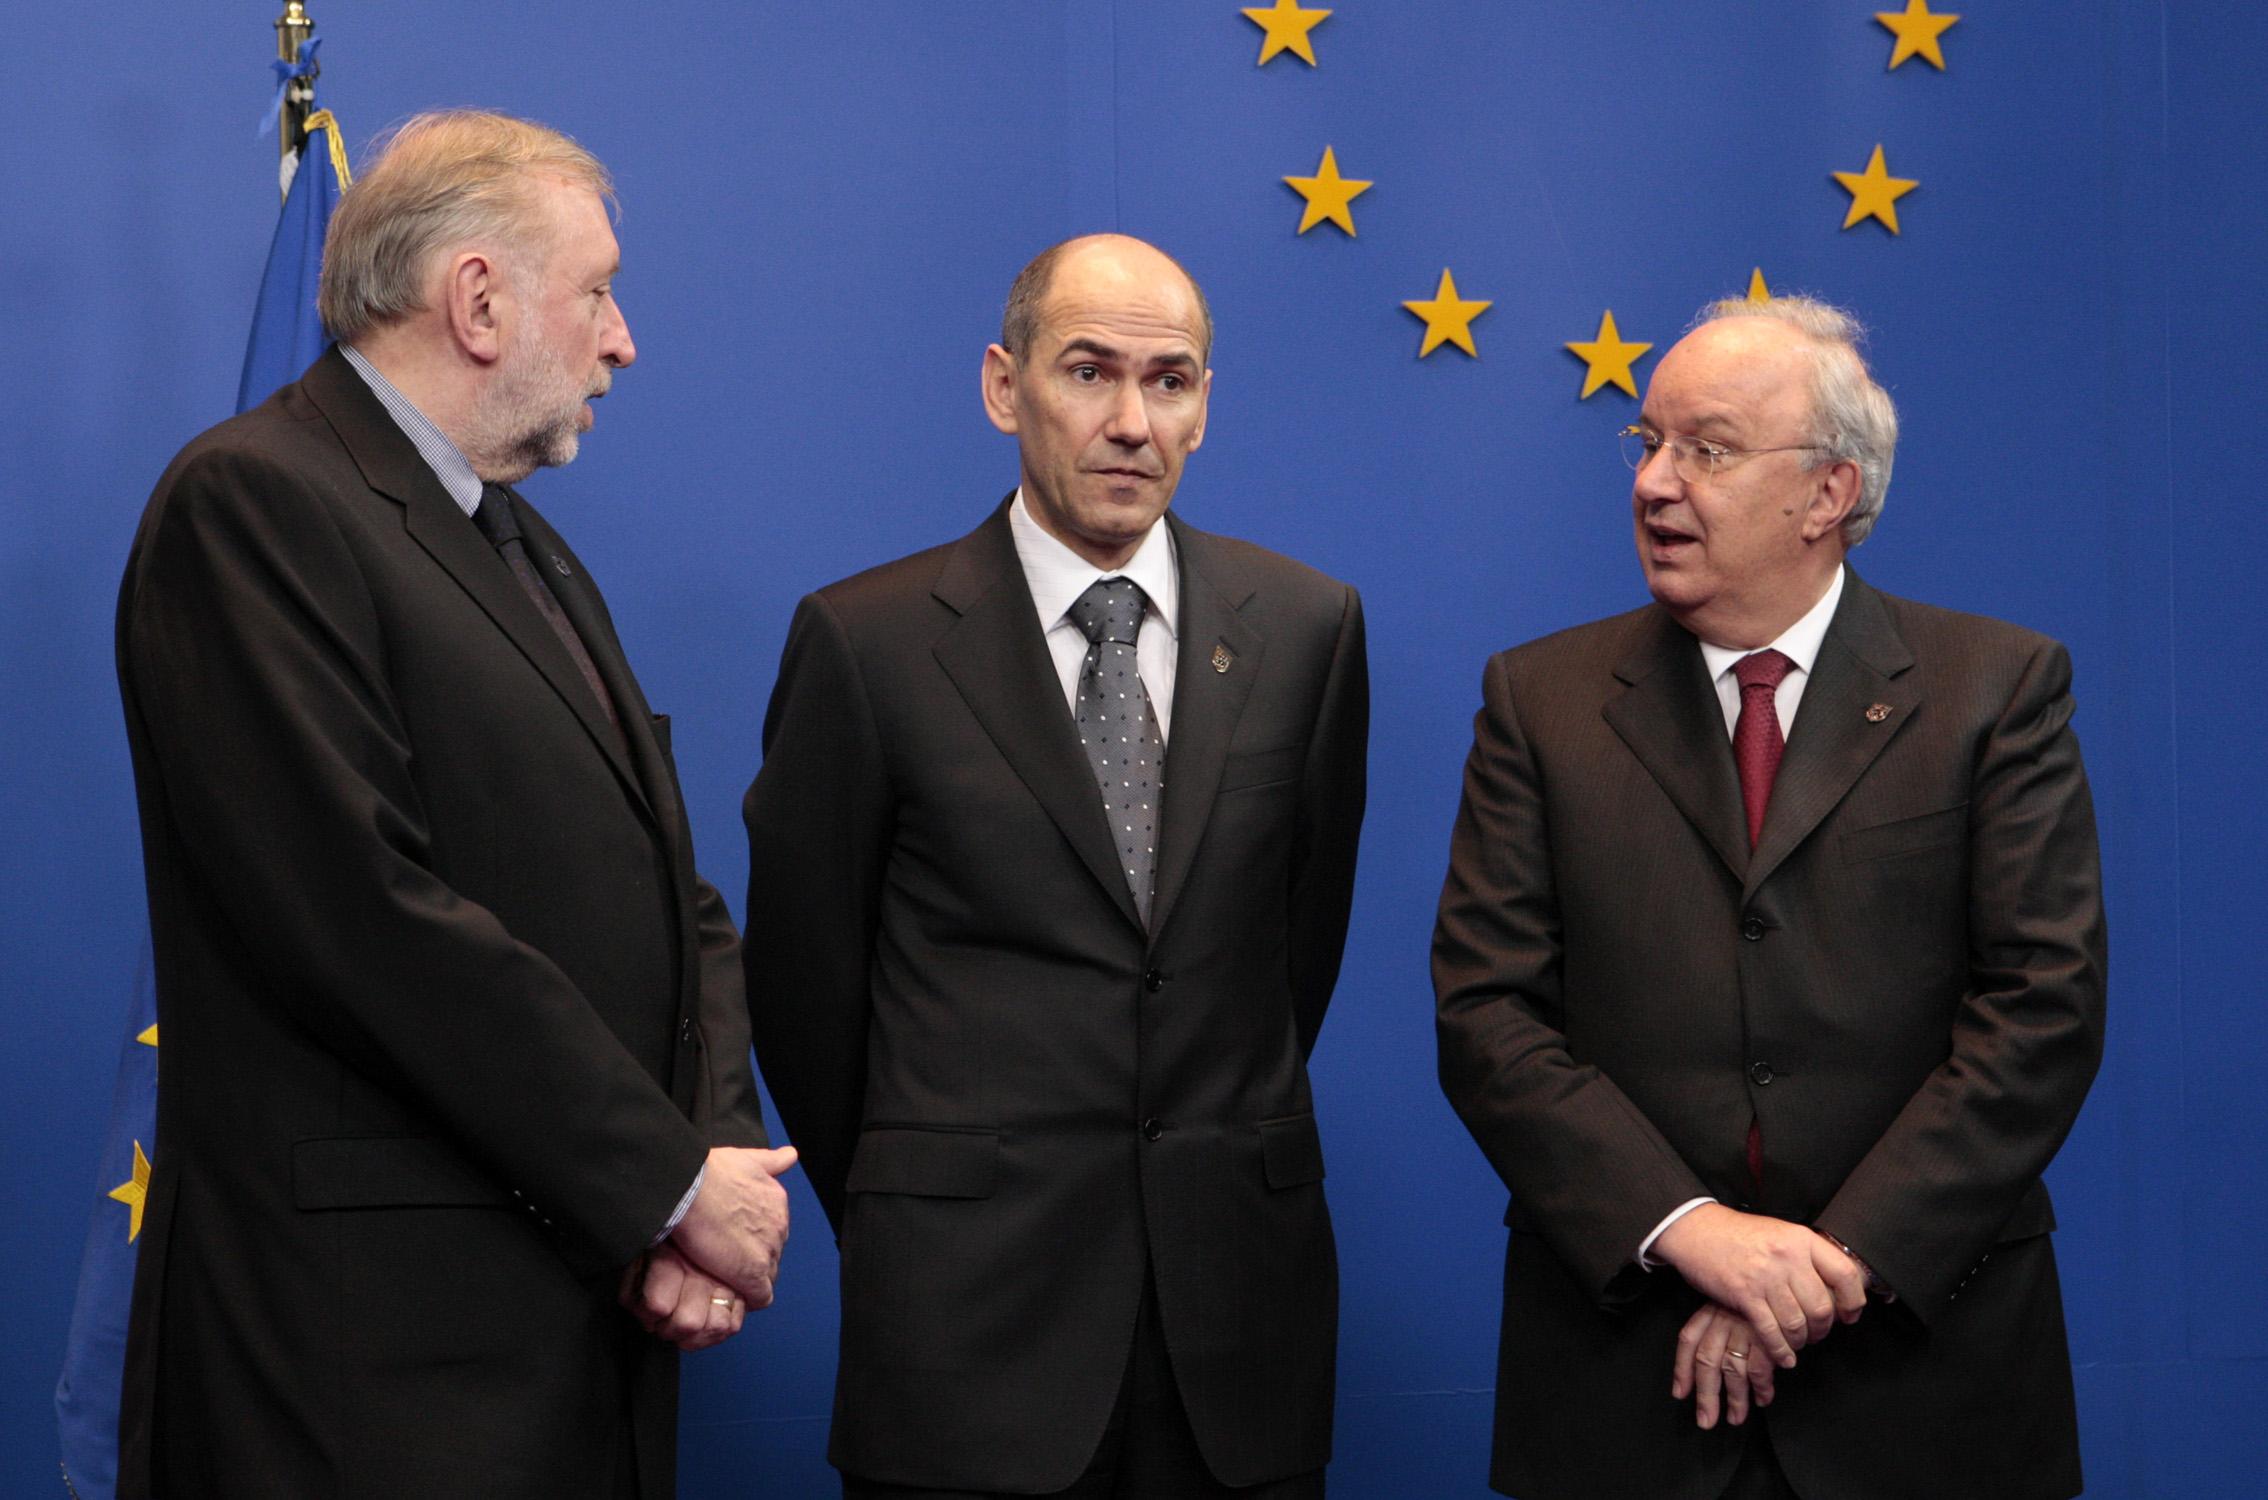 Rupel, Janša, Bajuk Vir: eu2008.si